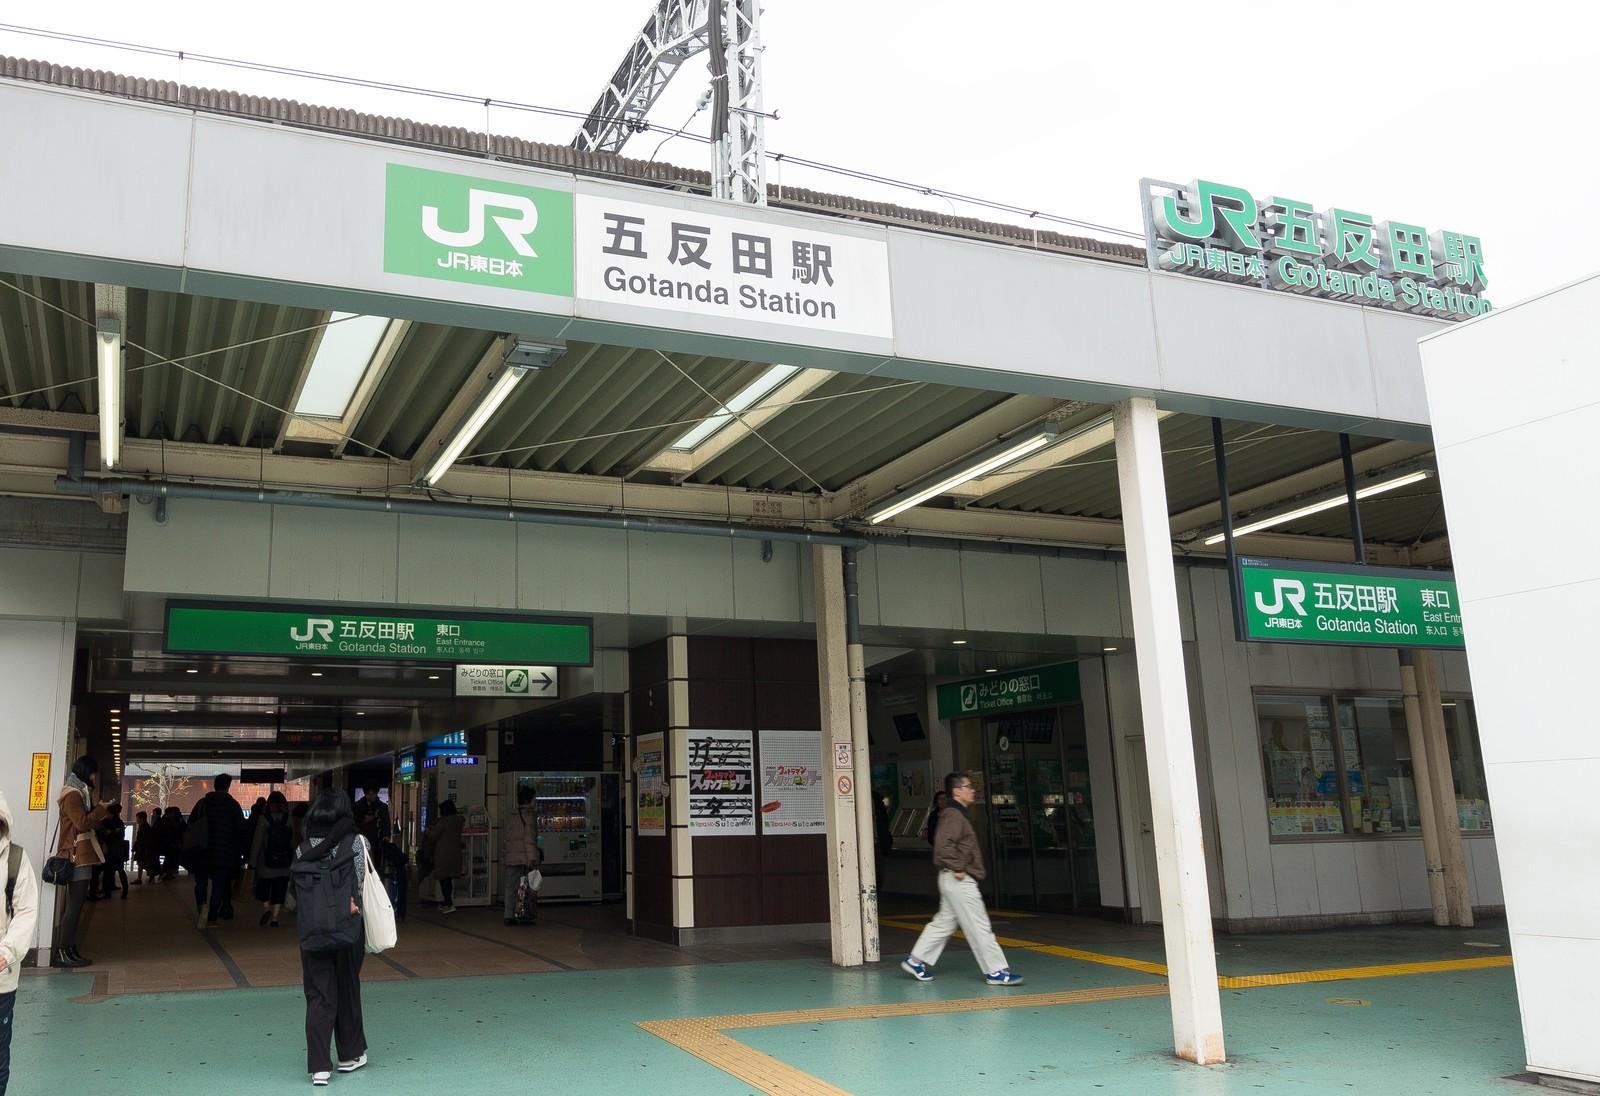 五反田駅から徒歩3分。求人選びに駅から近いって超重要だよね!